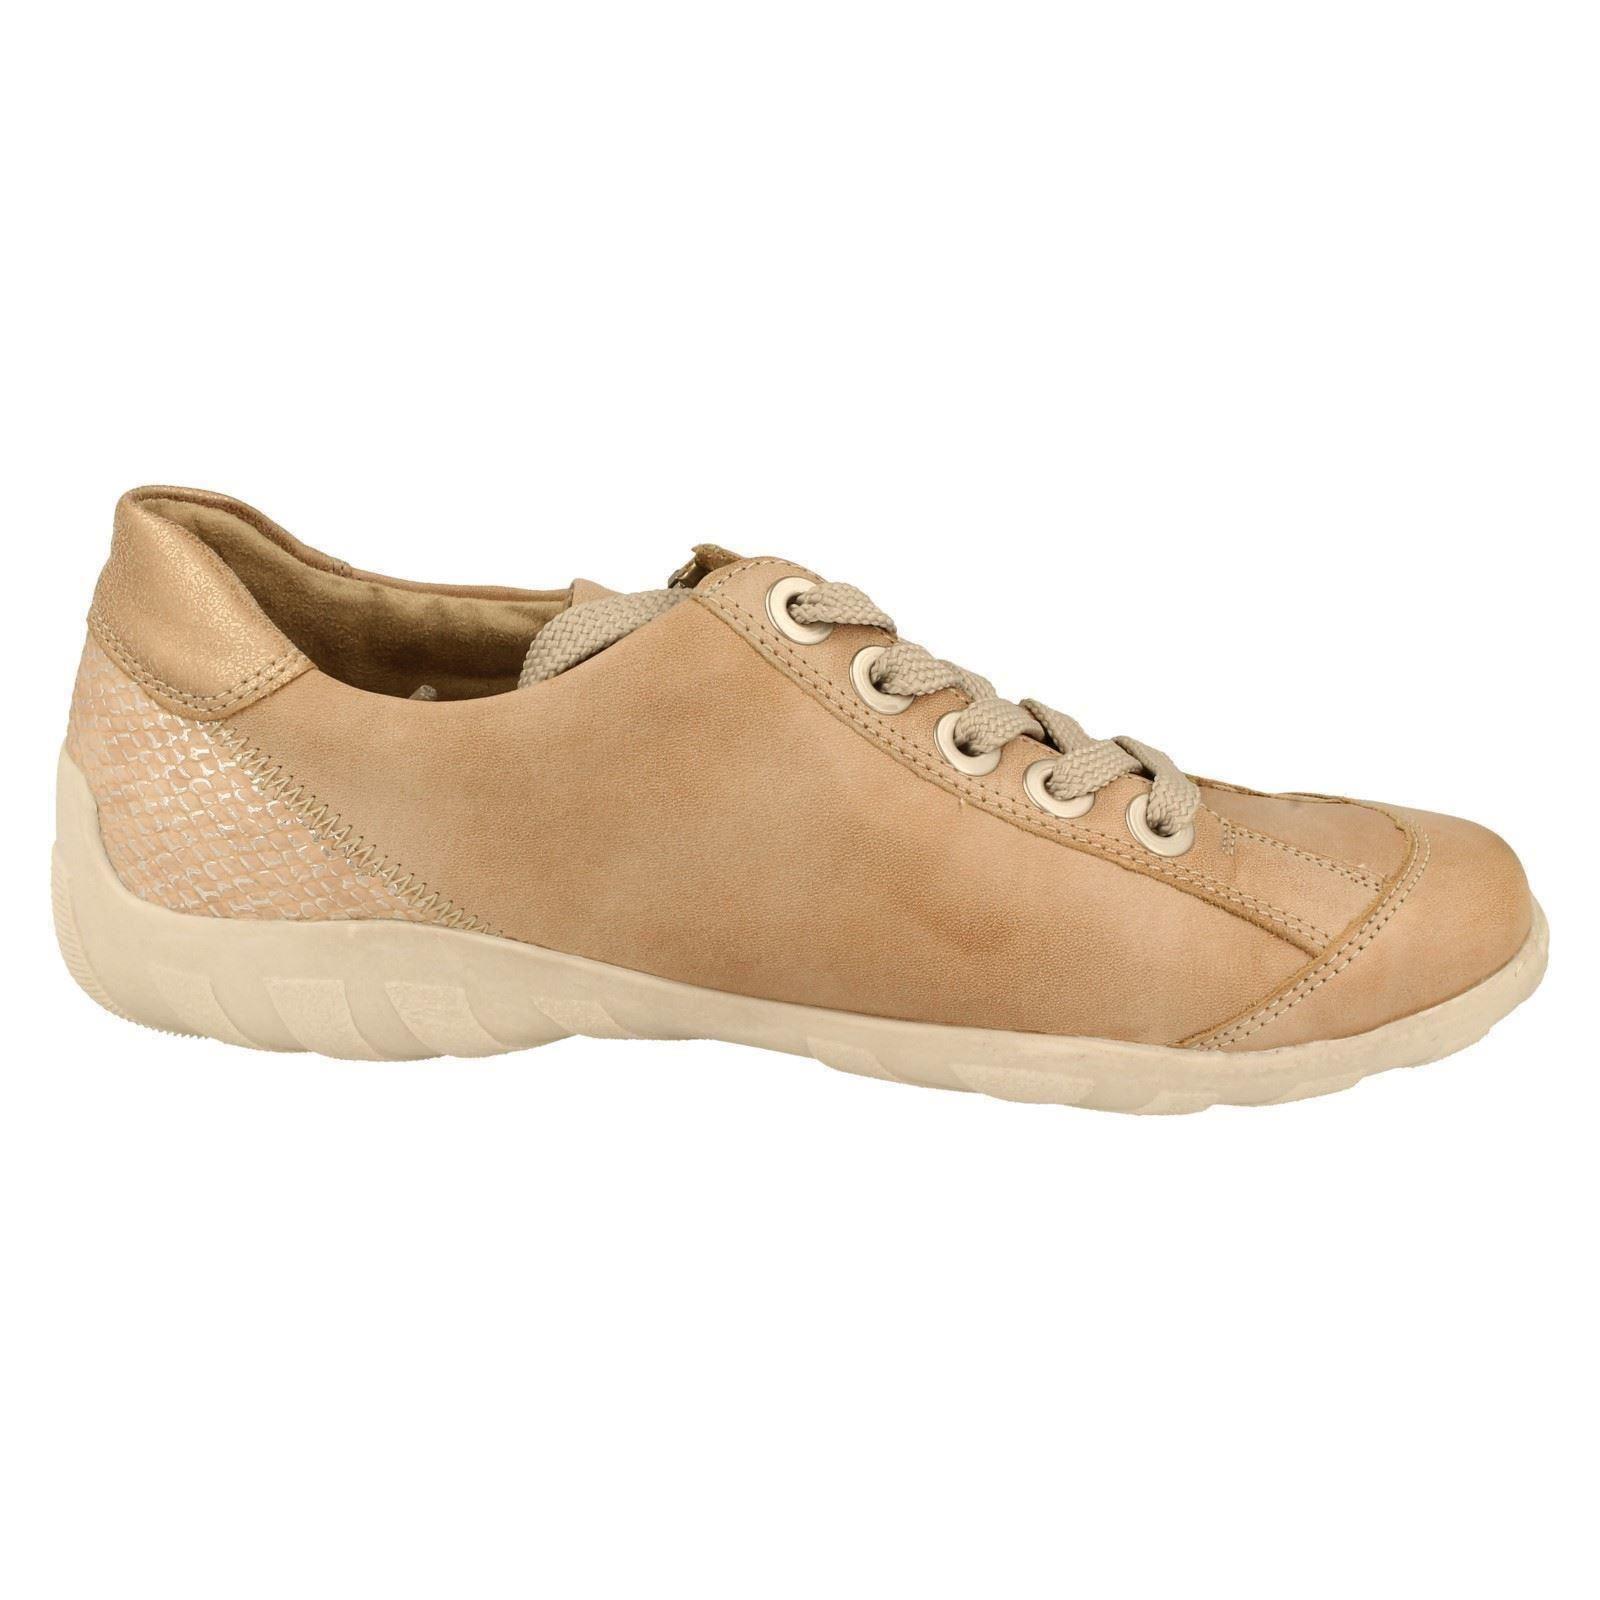 Donna Remonte Lacci Stile Casual Ballerine Stile Lacci r3419-W 7211d6